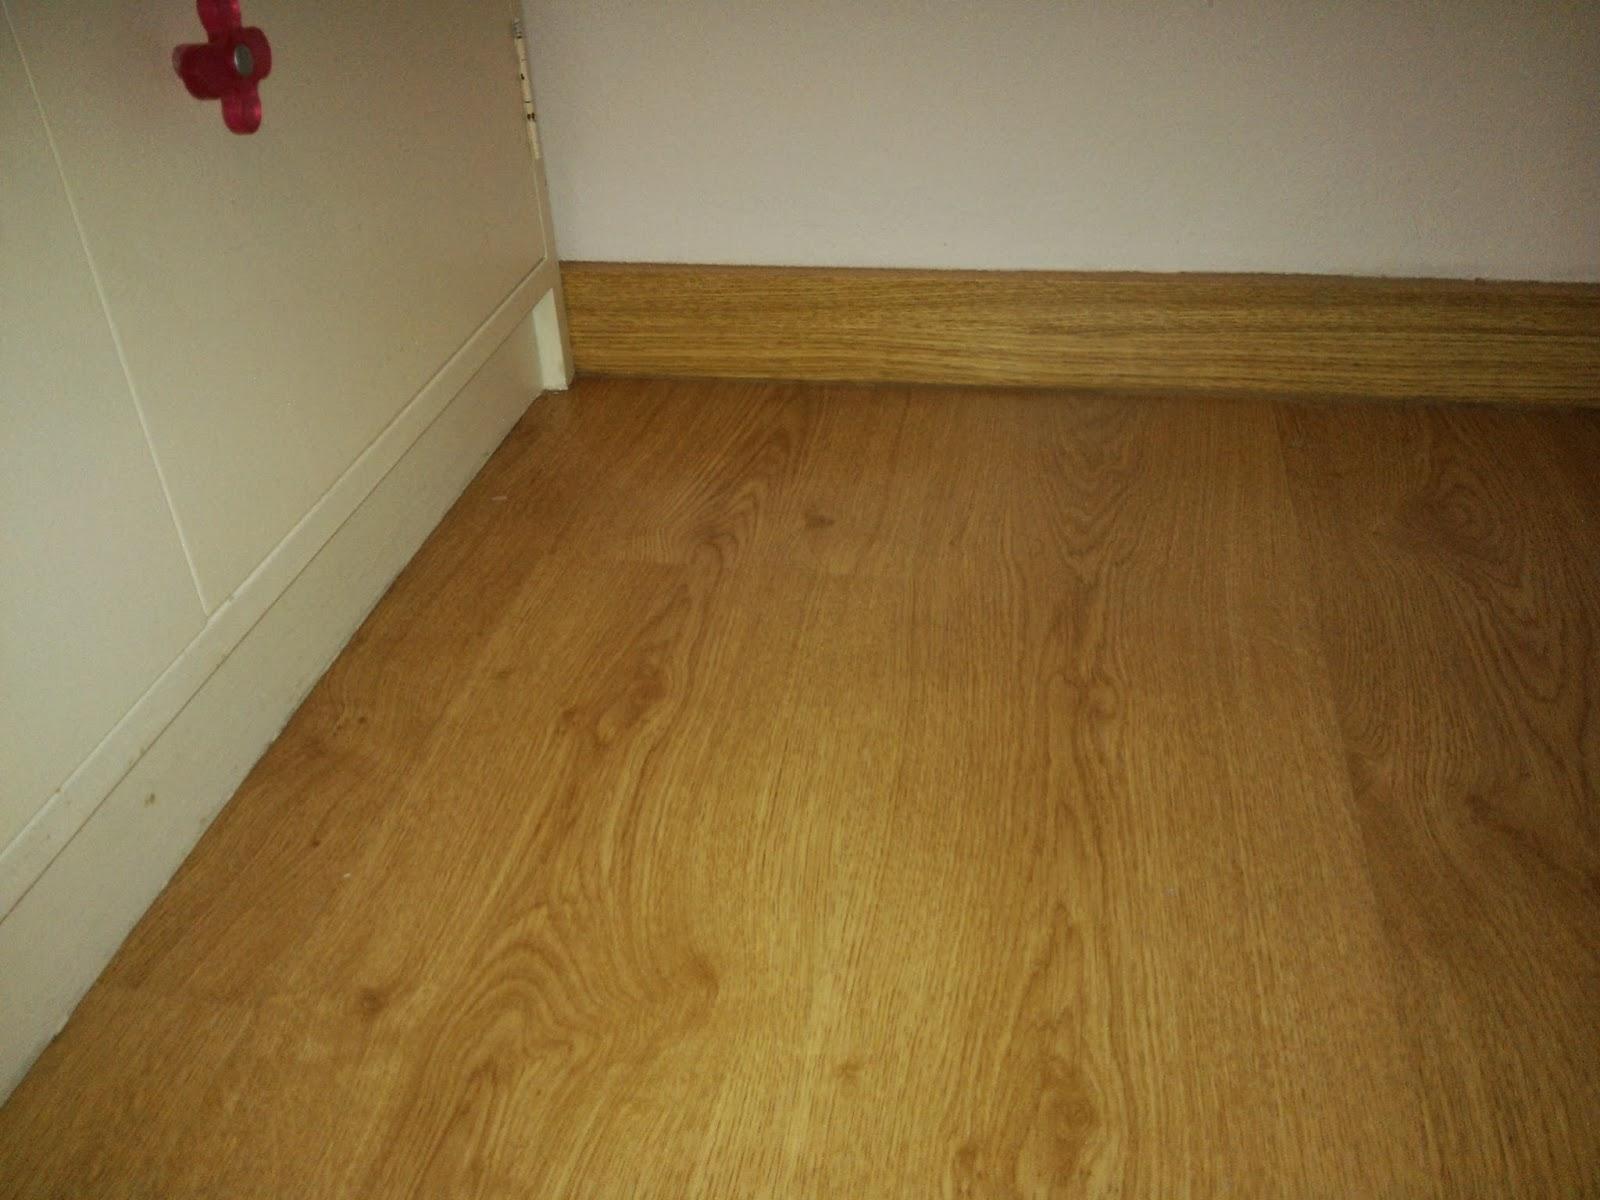 Como colocar suelo gua para instalar suelo vinlico con for Como instalar suelo laminado